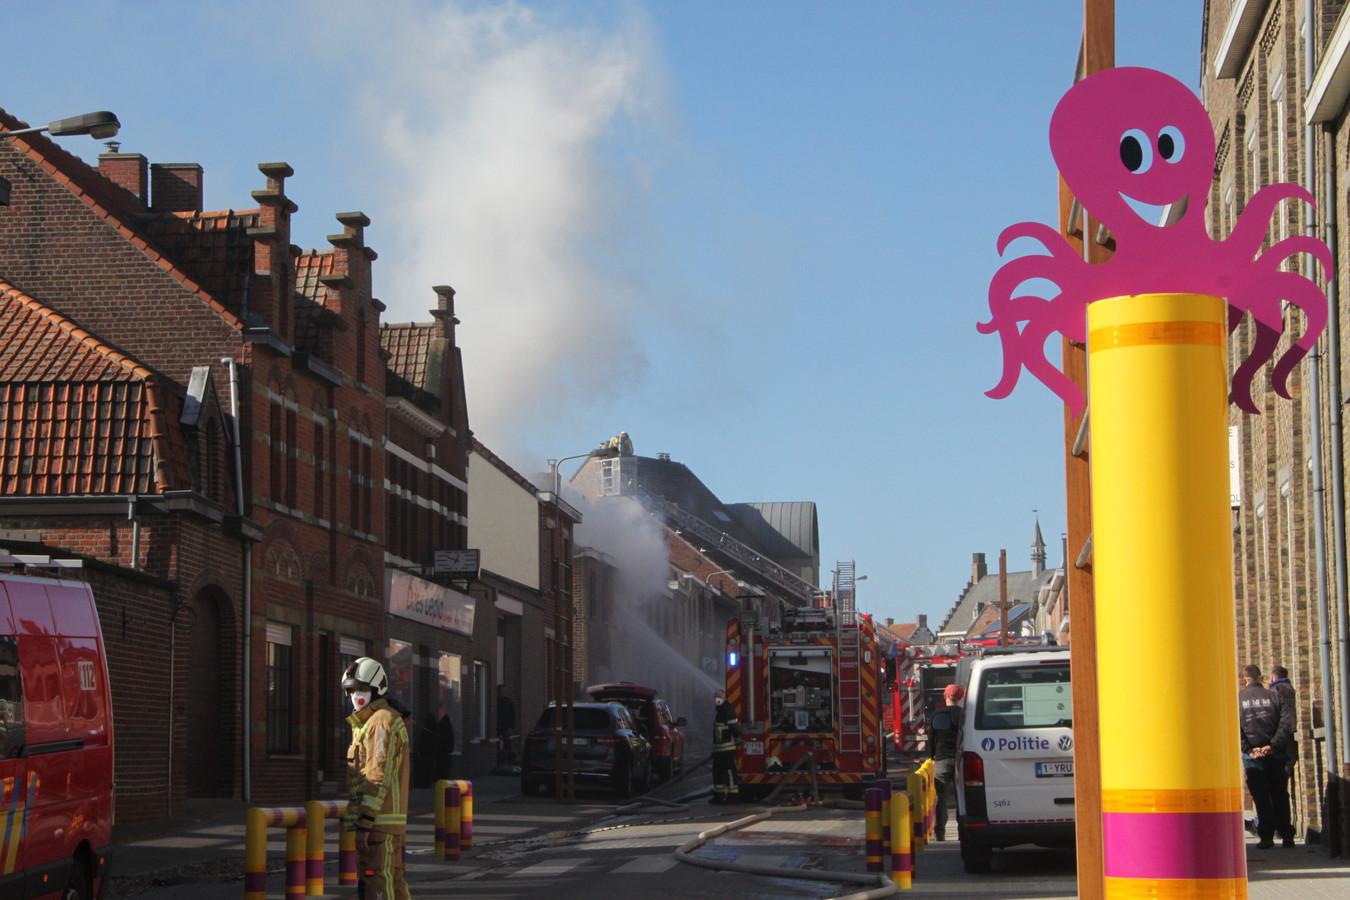 De woning in Wijtschate liep zware schade op. De brandweer blust met man en macht.